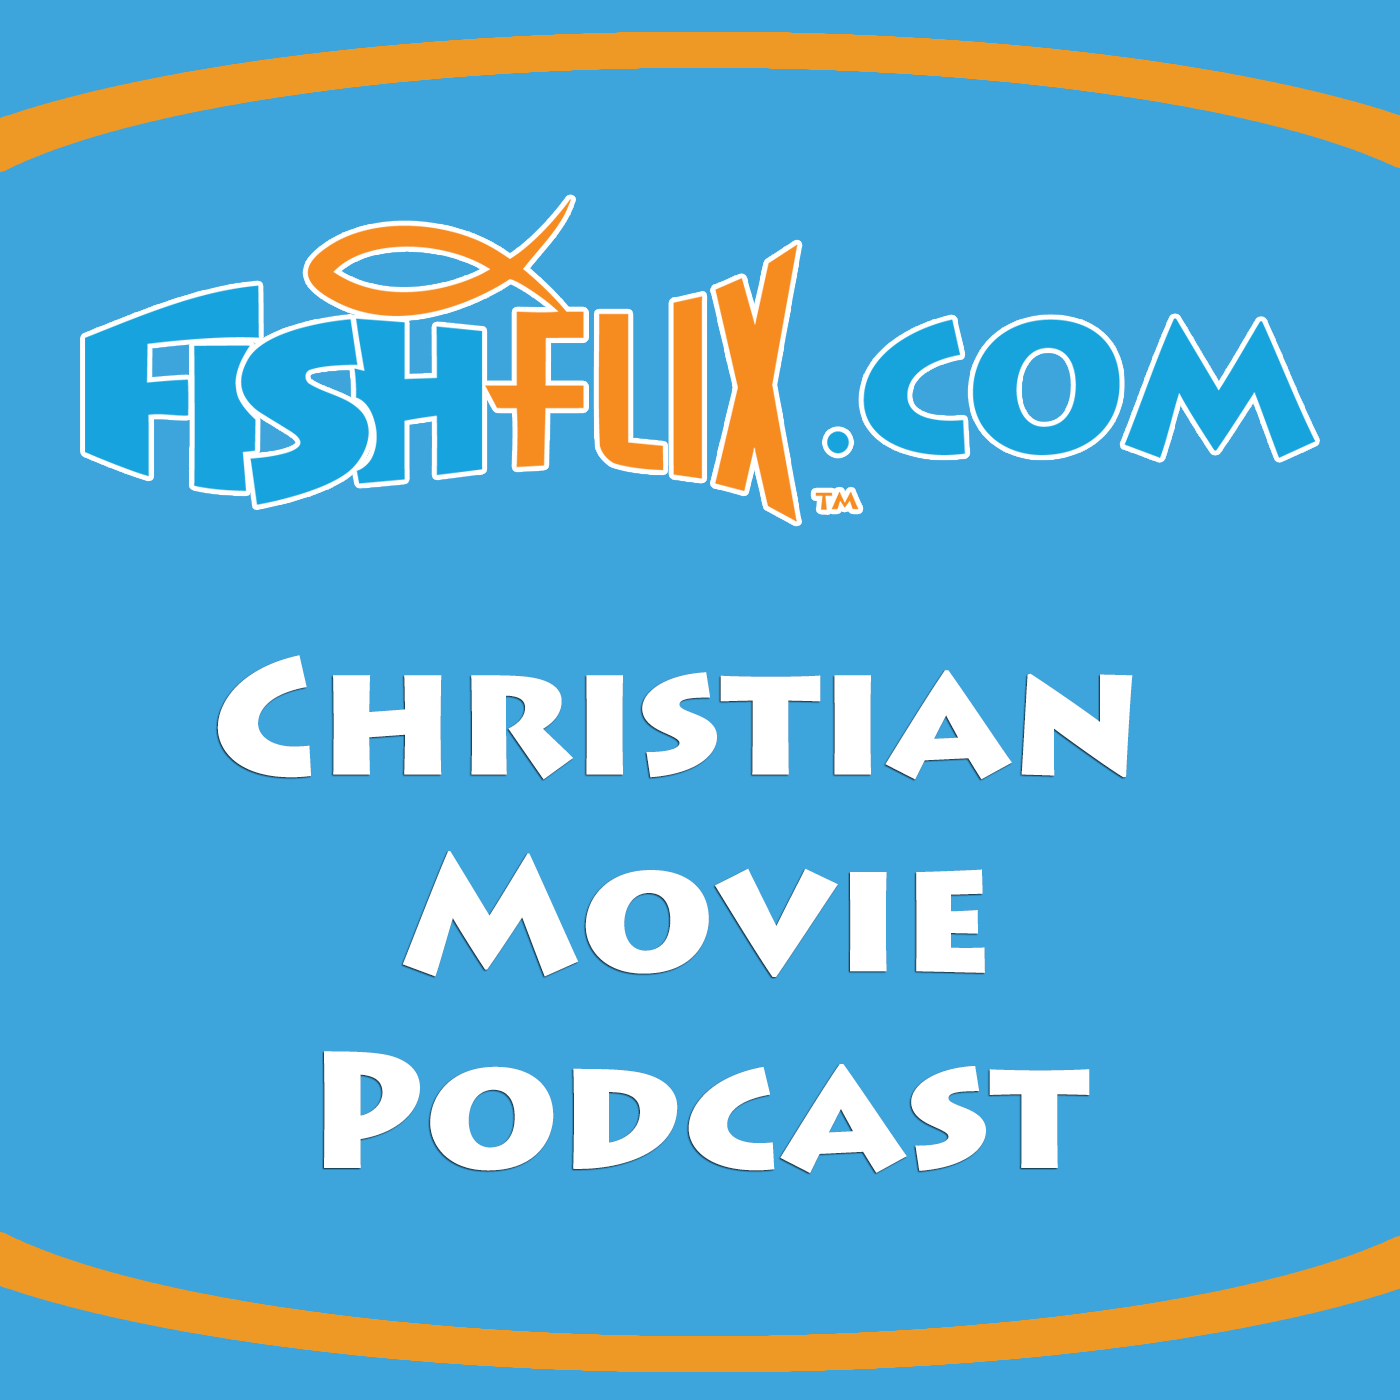 The FishFlix.com Christian Movie Podcast show art